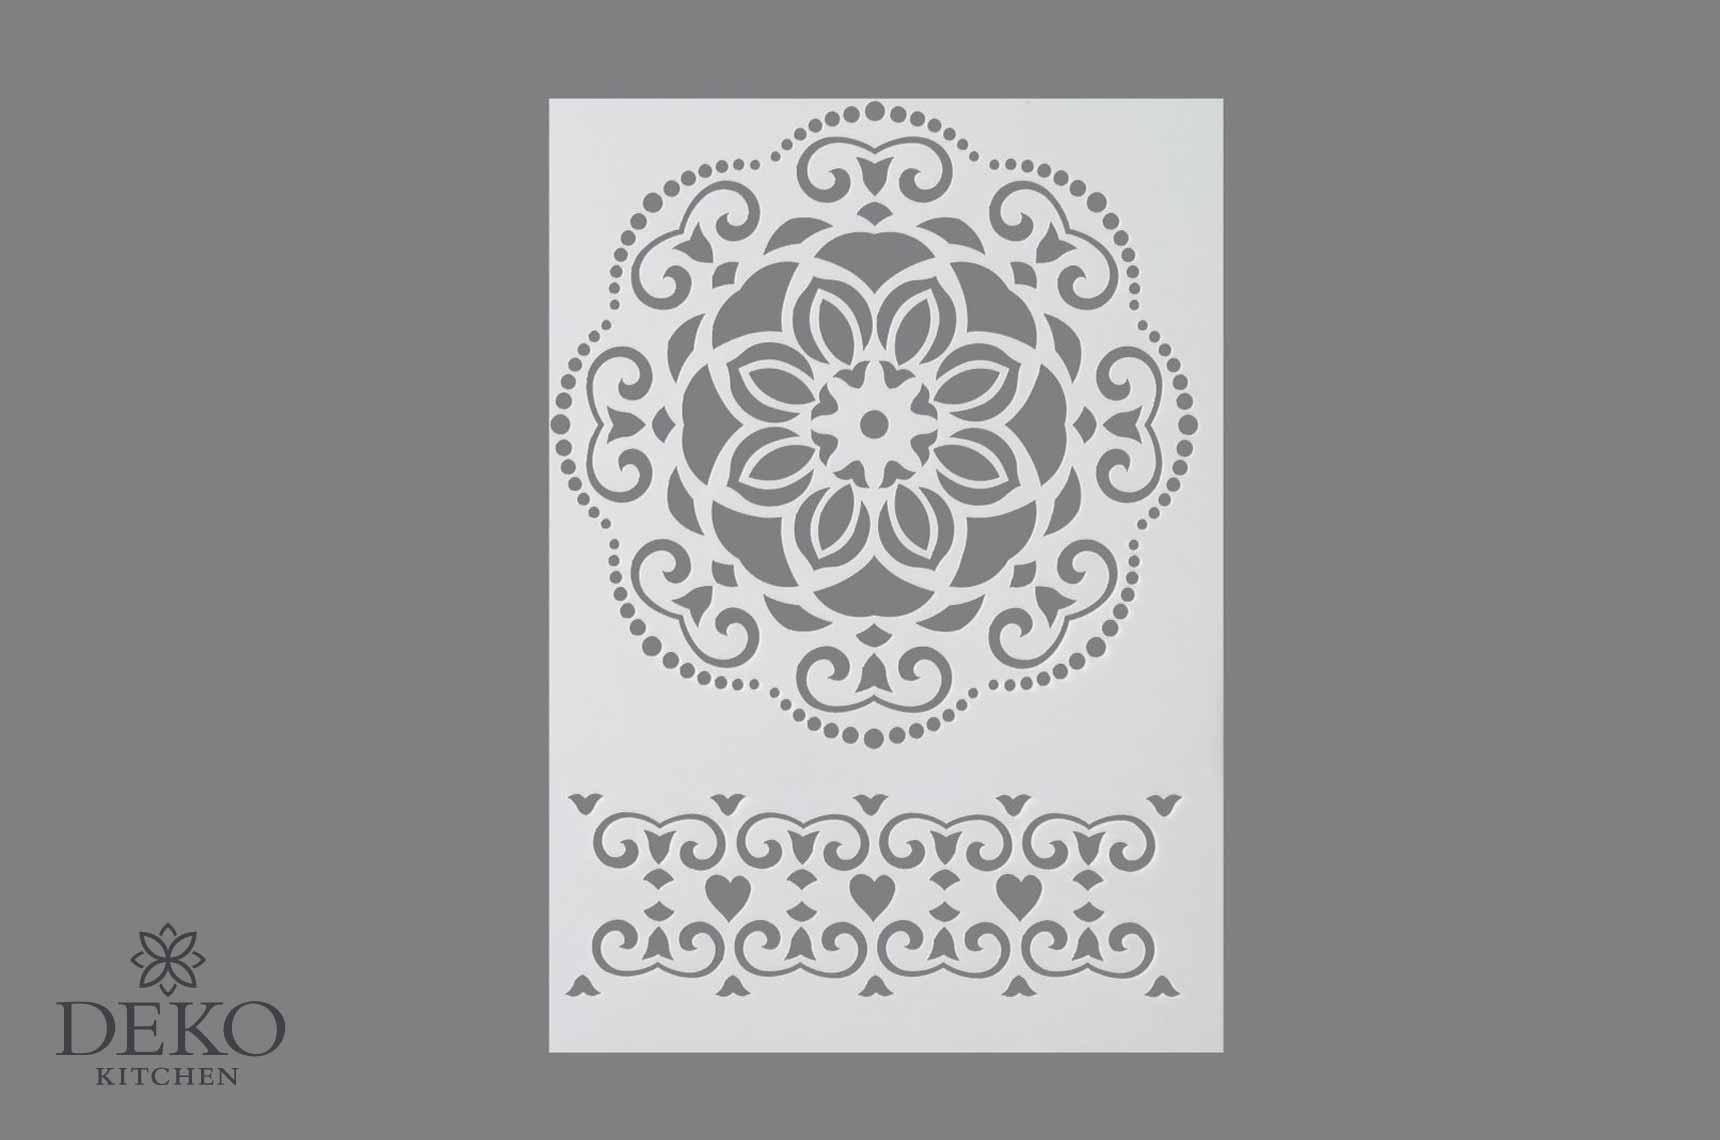 schablone mit ornamenten din a4 | deko kitchen shop